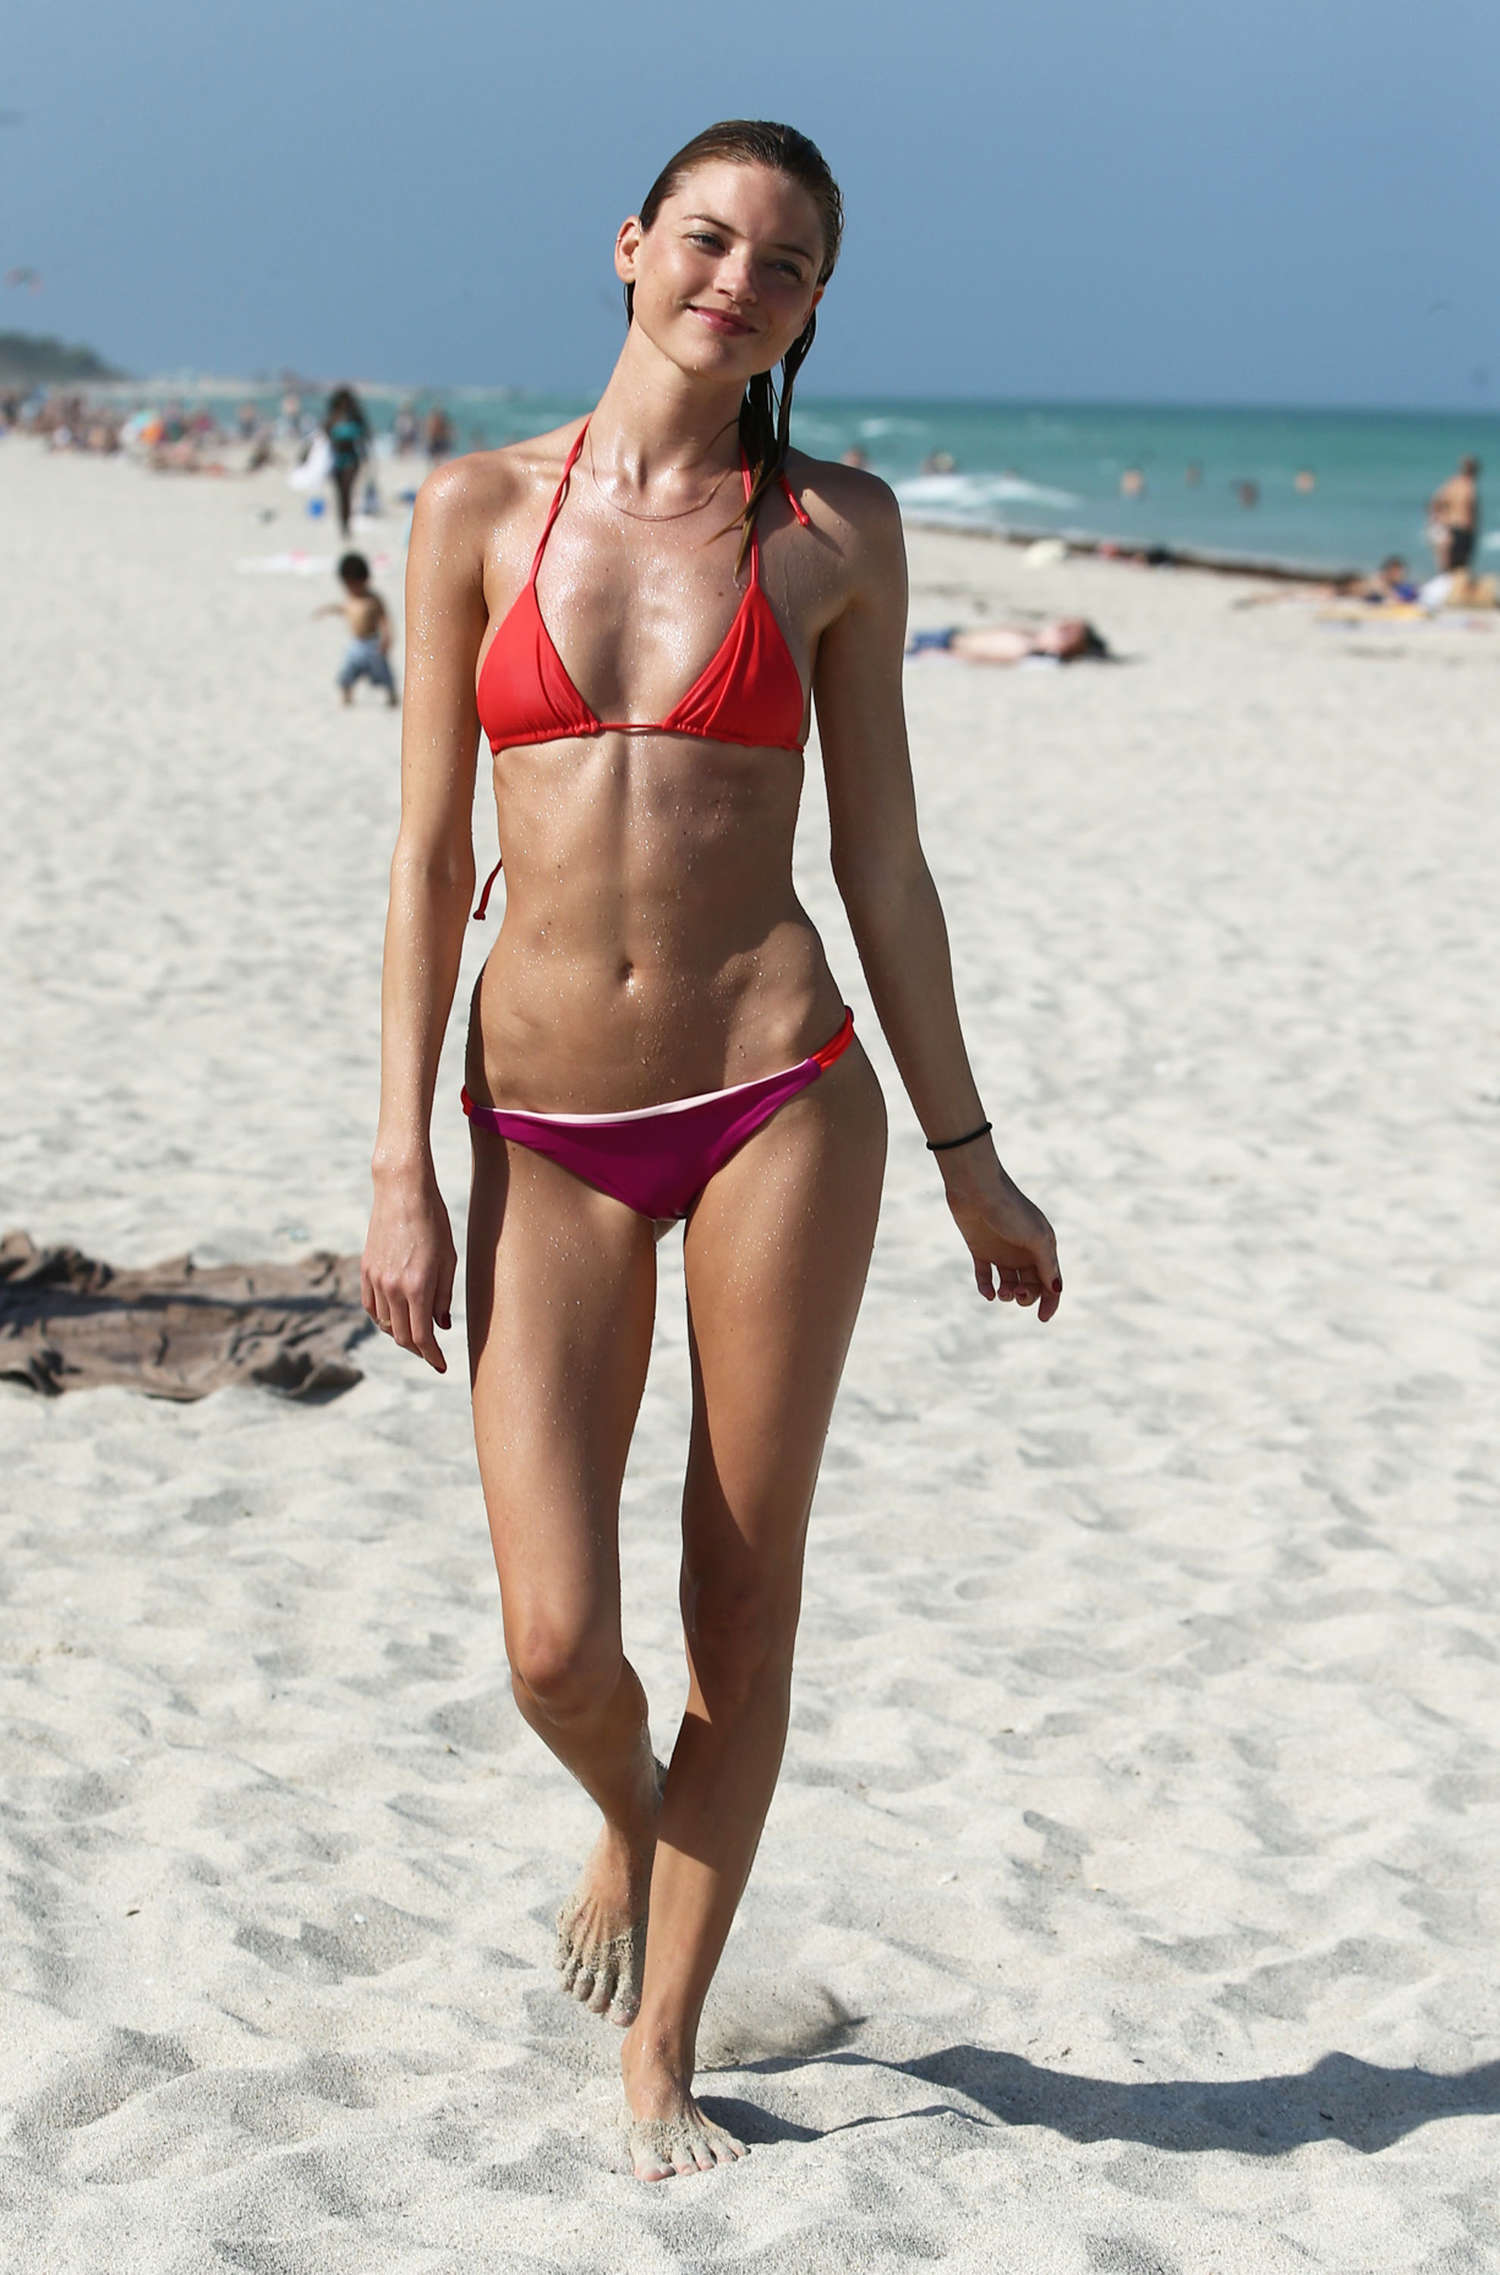 Rachele Brooke Smith Topless Pics